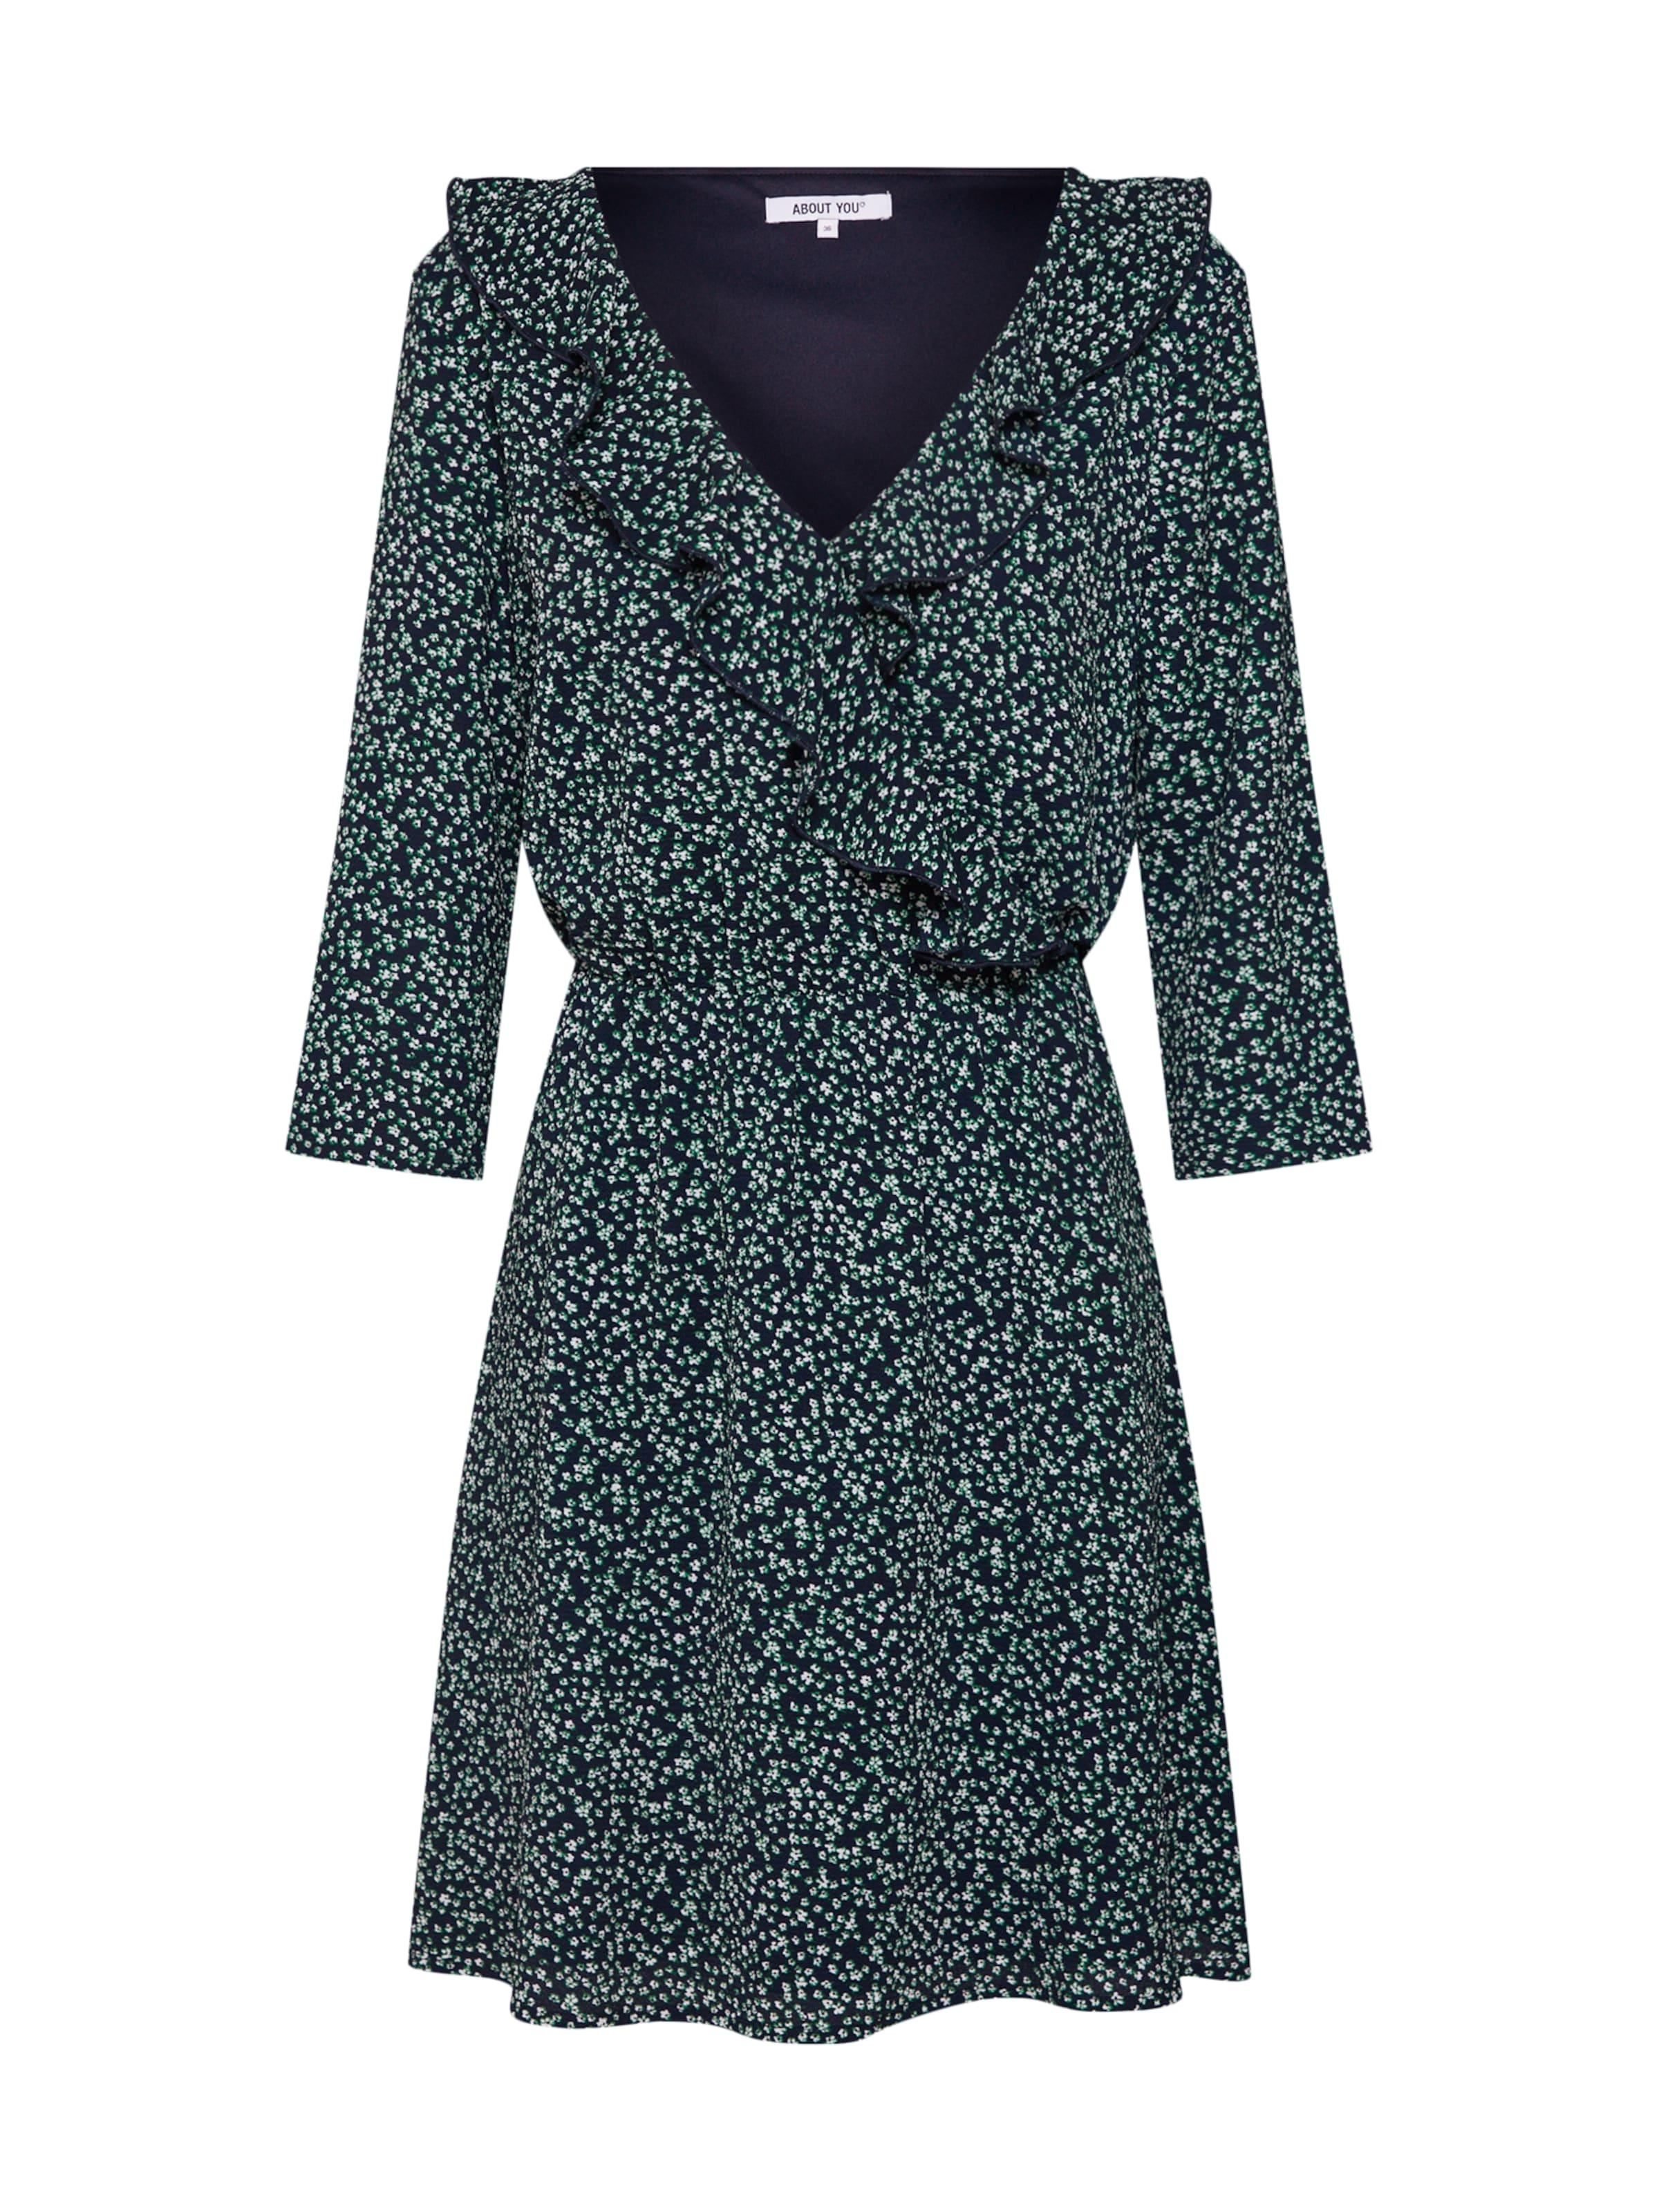 Robe FoncéRose 'fenna Dress' About You Bleu En 7Yb6gIfvy